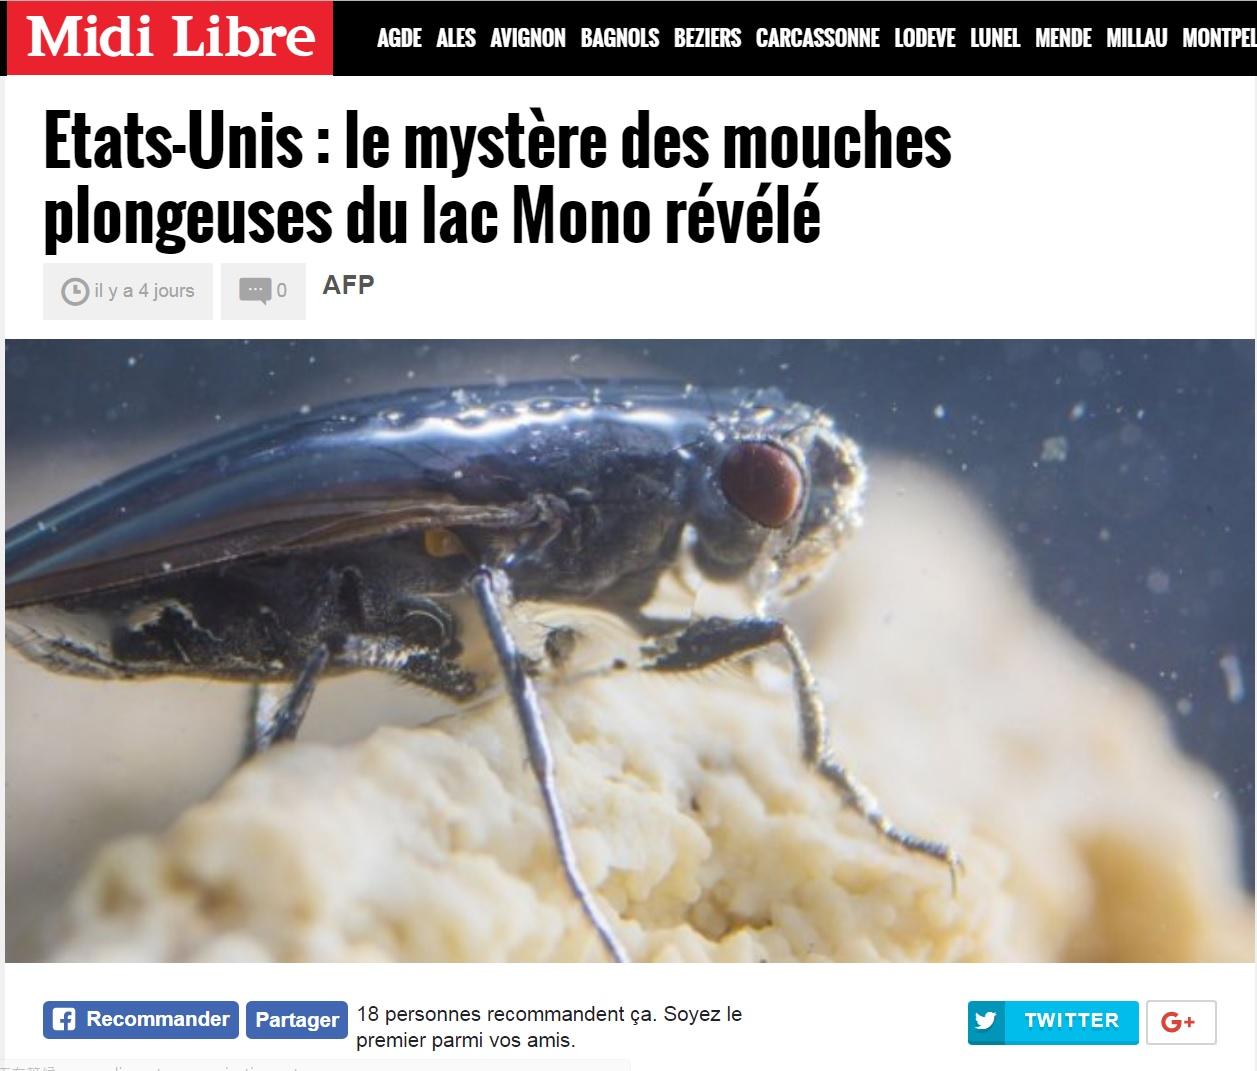 圖片擷取自Midi Libre 網頁